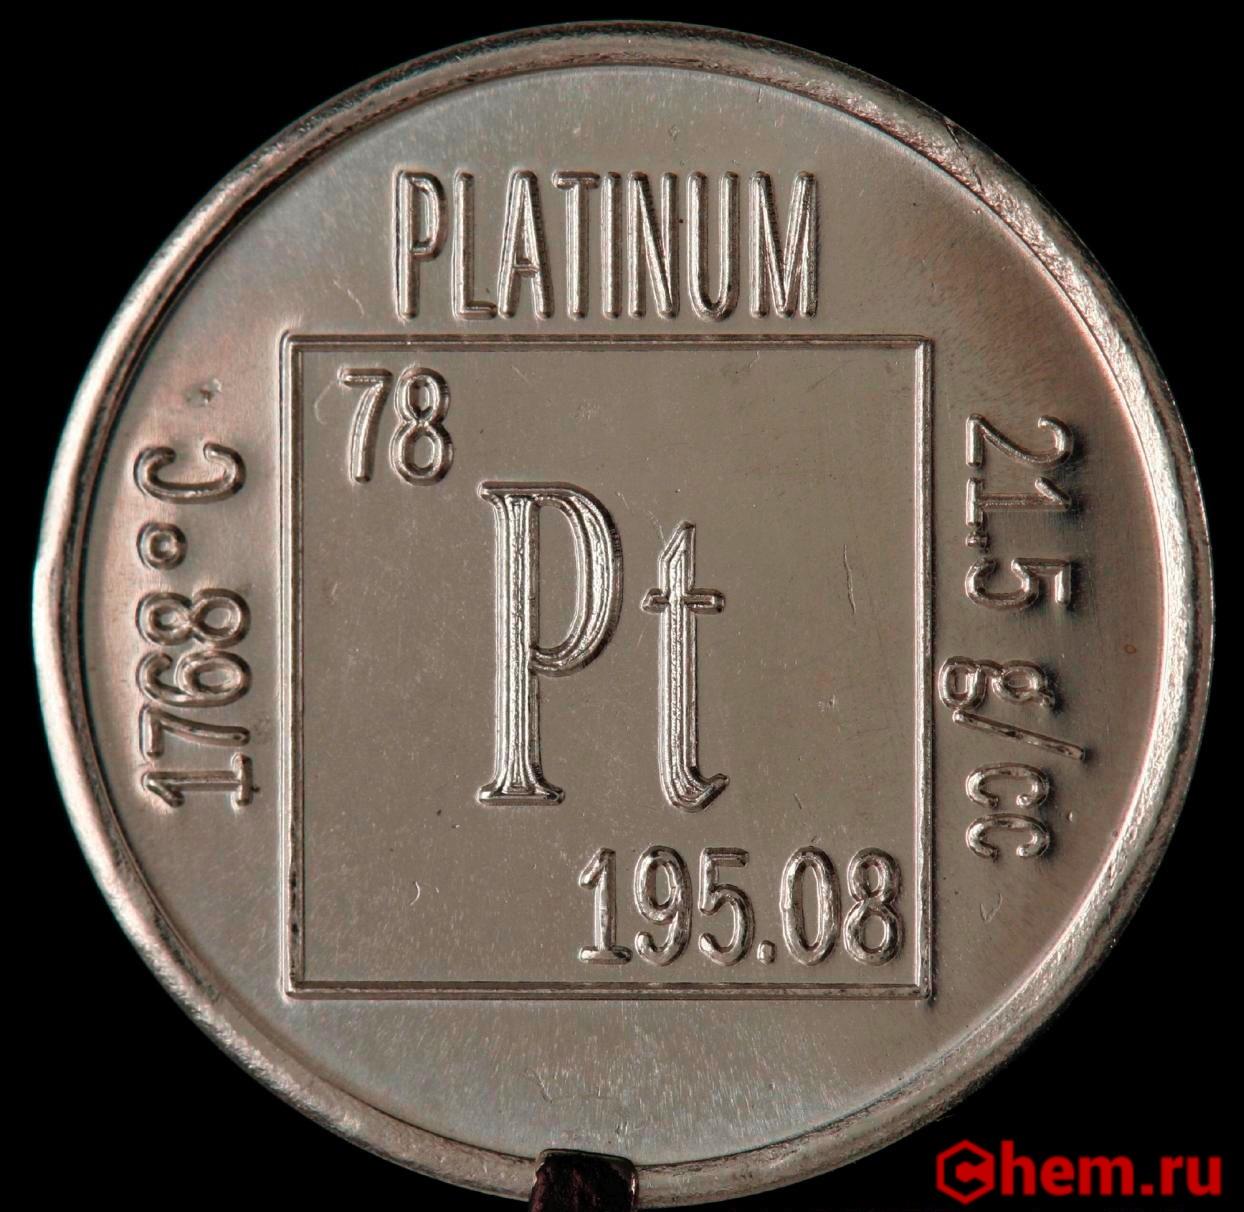 Как определить платину на подлинность: методы проверки на подделку в домашних условиях